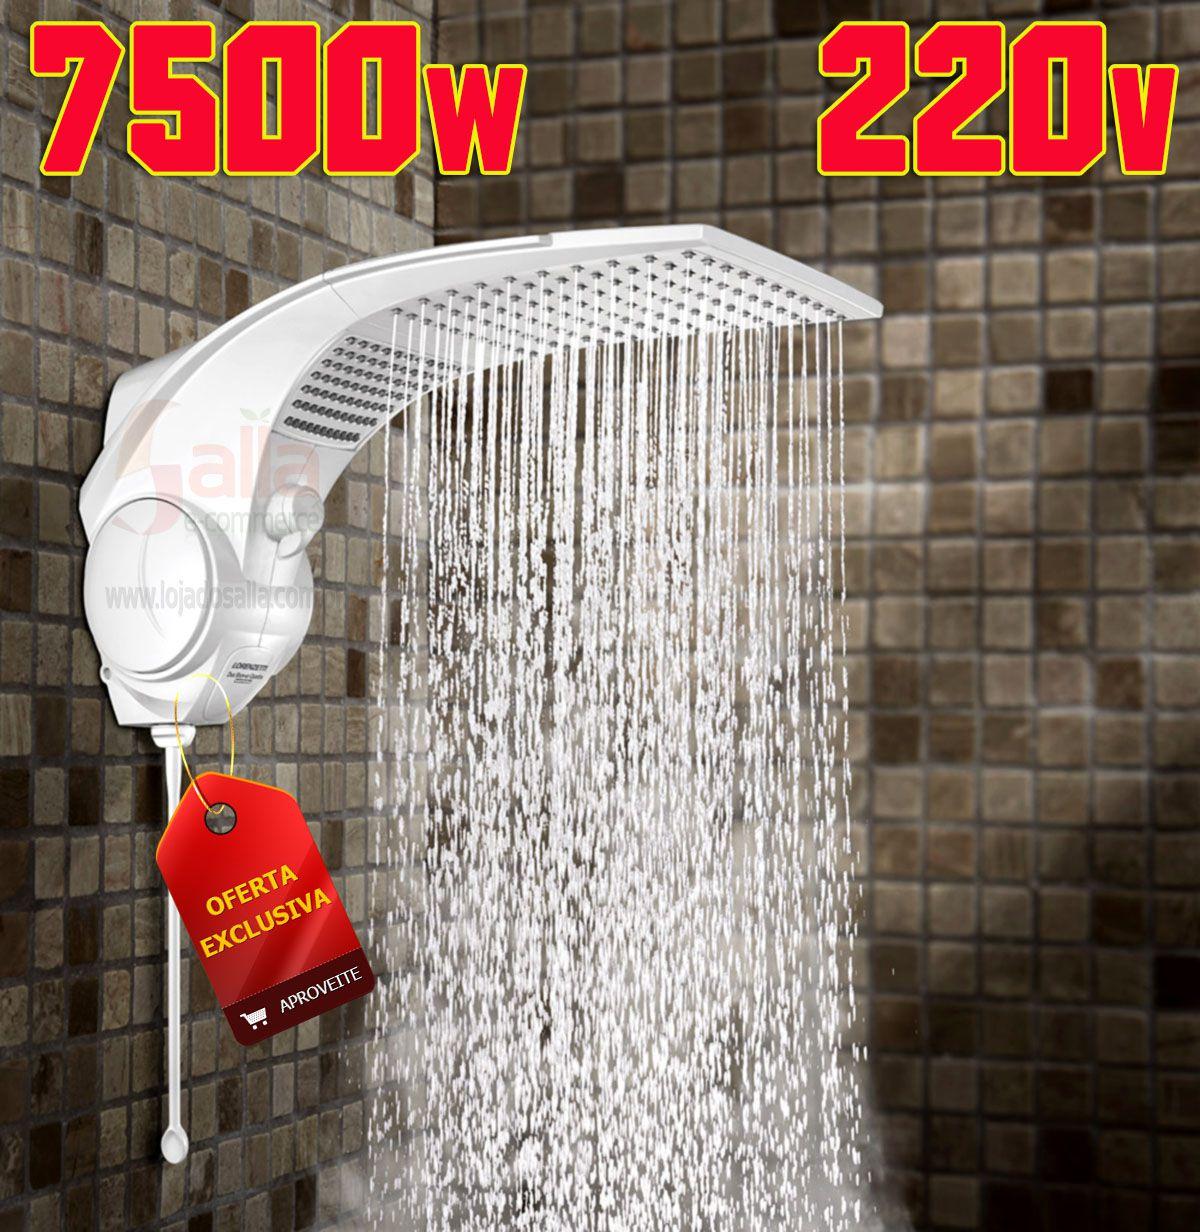 Ducha / Chuveiro Elétrico Duo Shower Quadra Eletrônica 220v 7500w